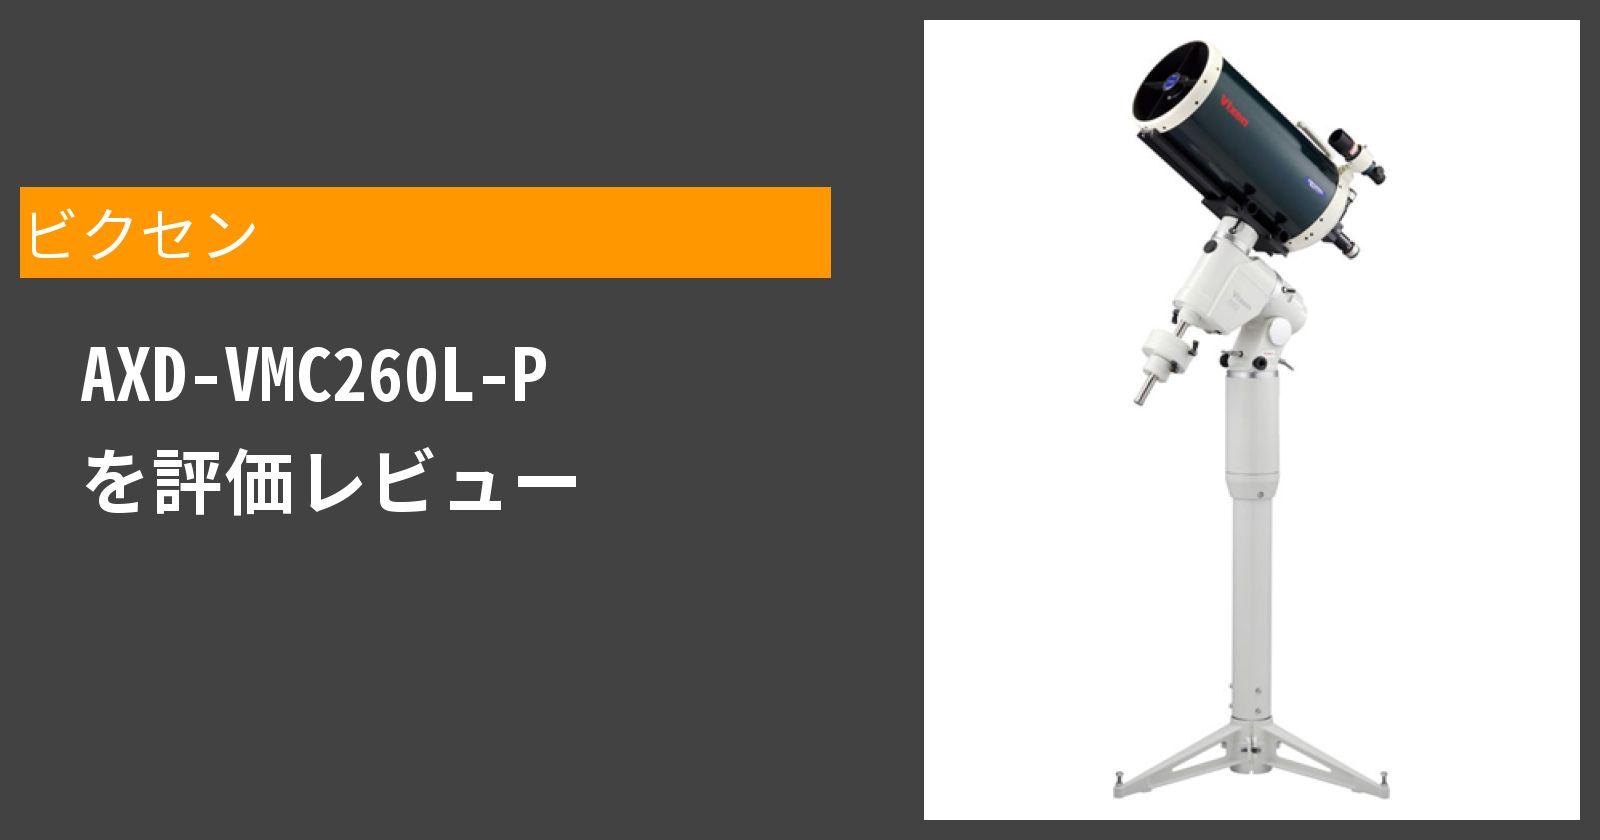 AXD-VMC260L-Pを徹底評価